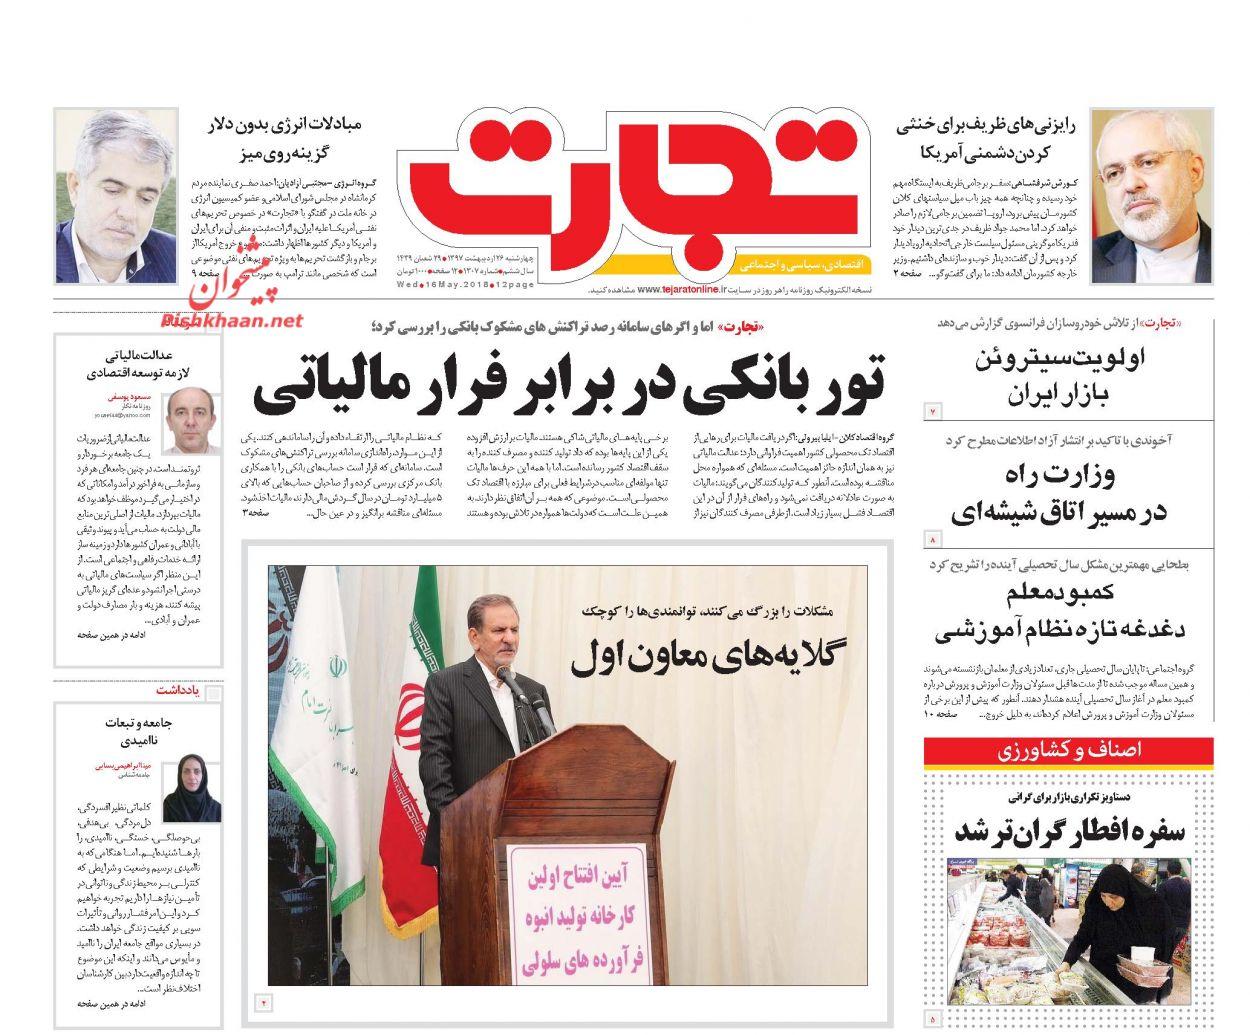 صفحه نخست روزنامه های اقتصادی 26 اردیبهشت ماه